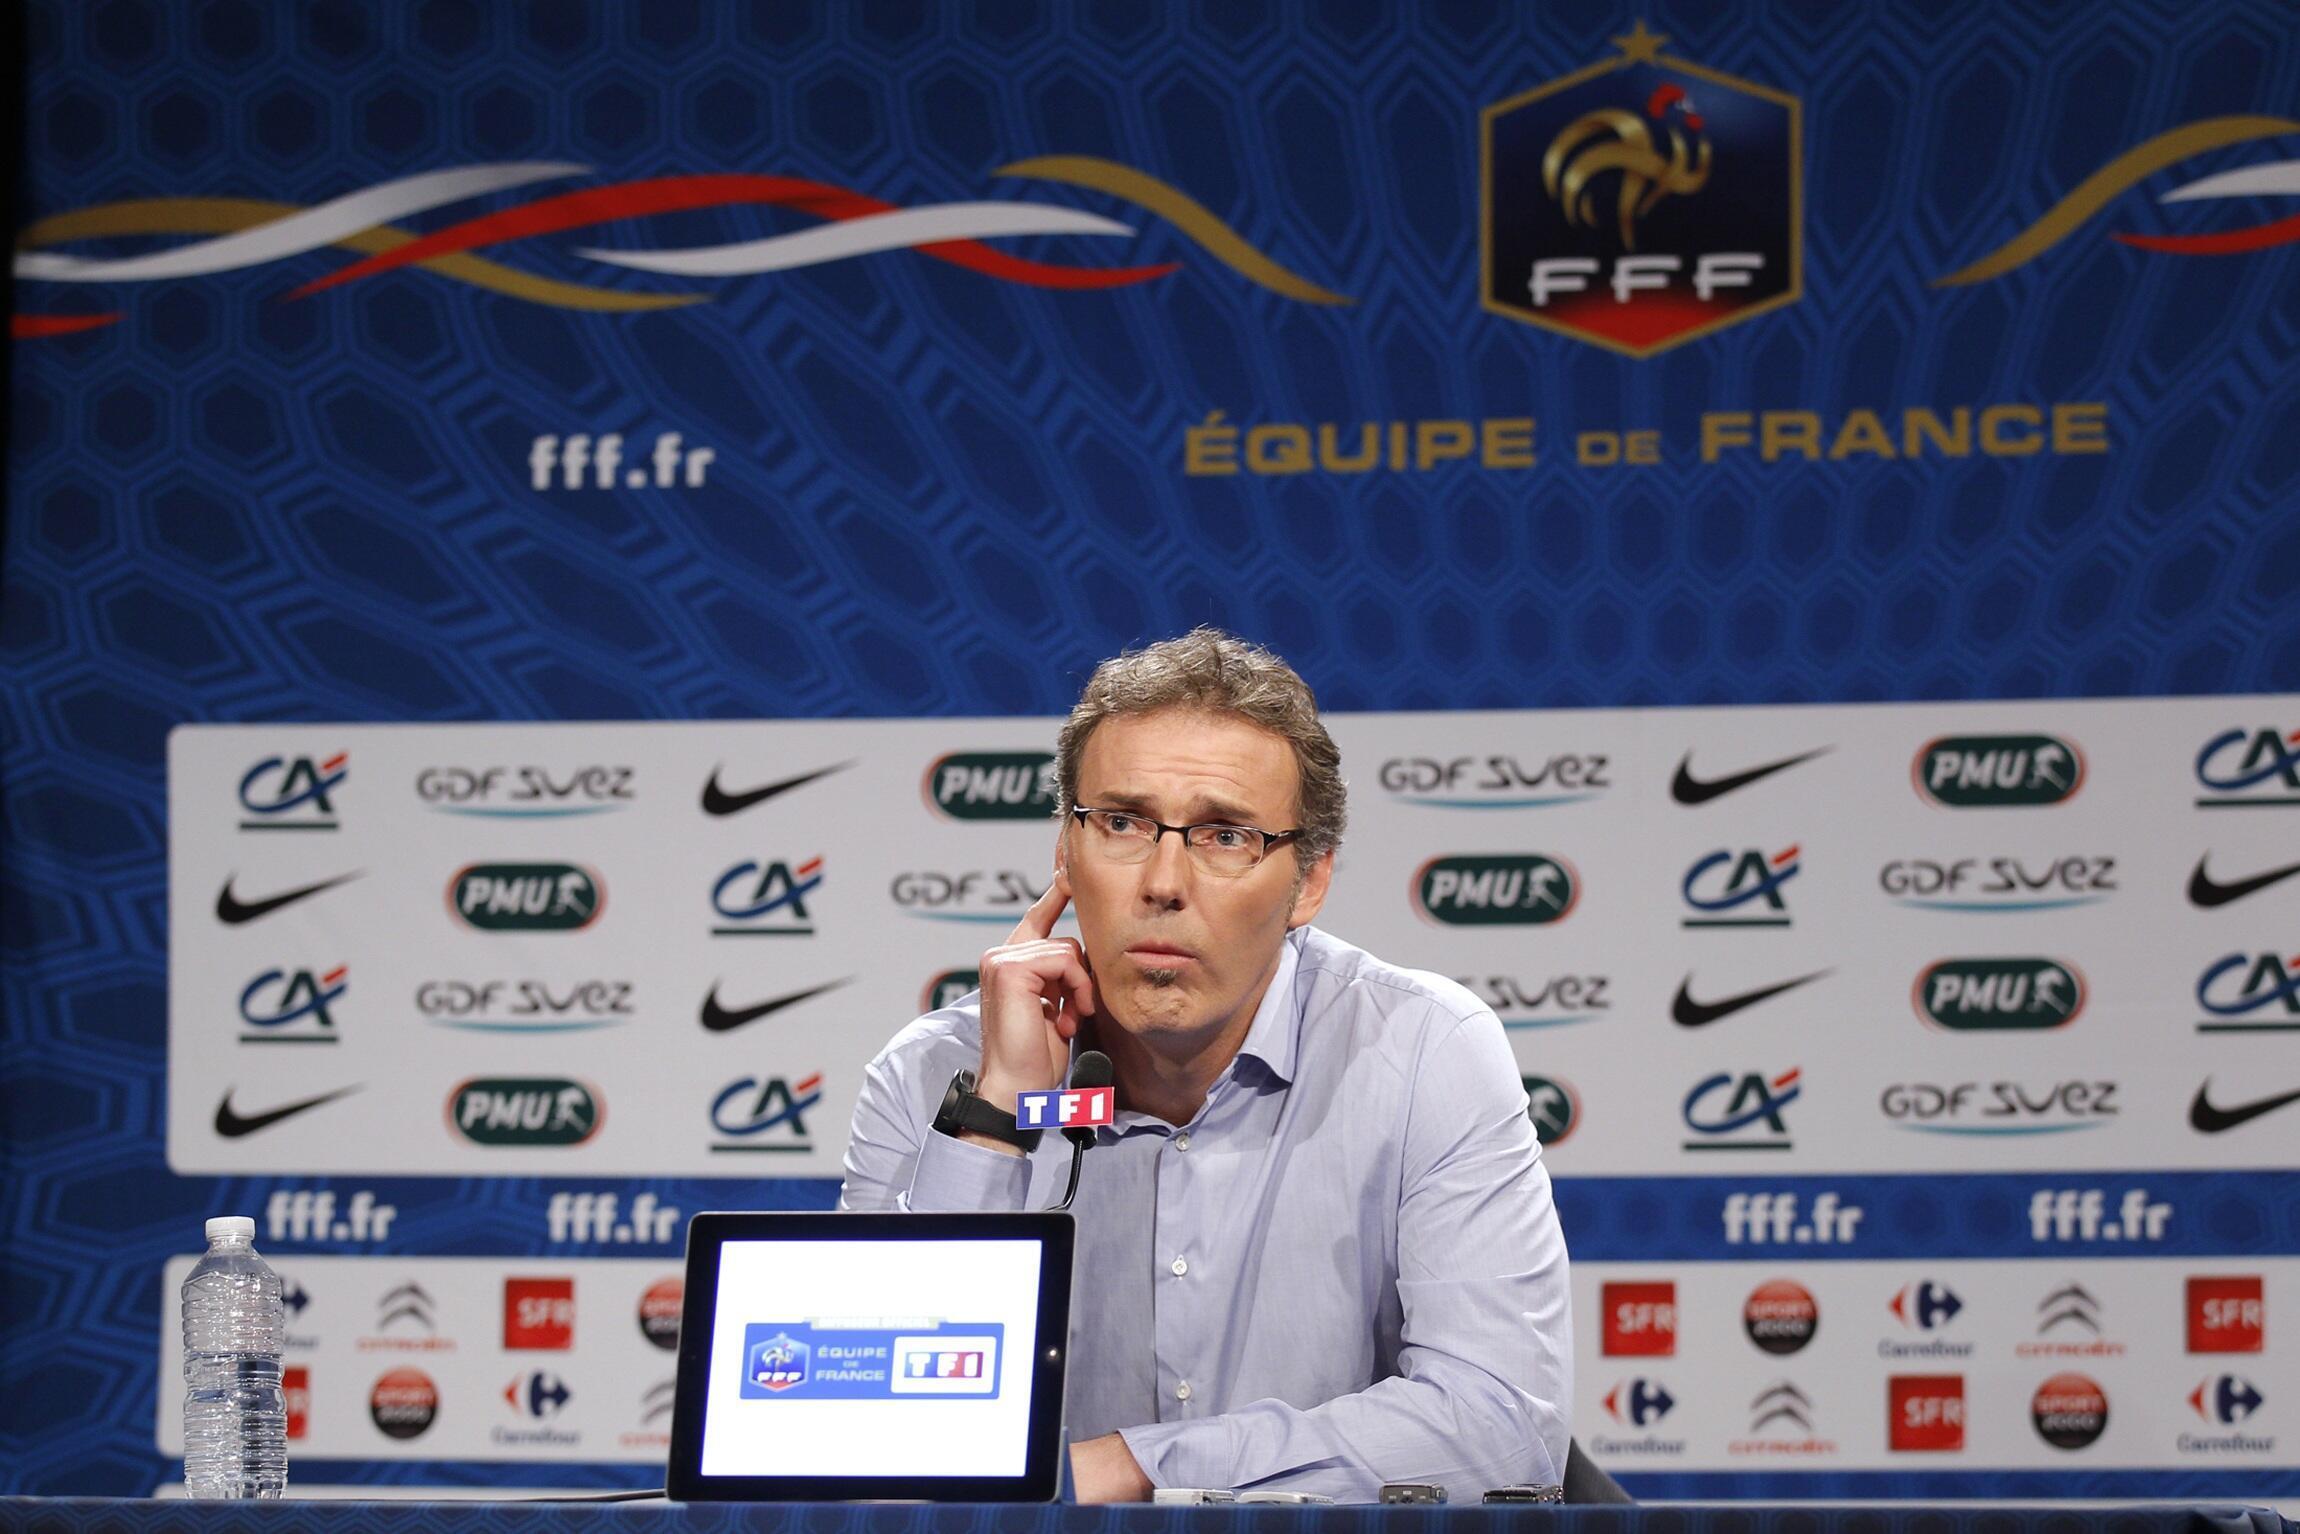 Лоран Блан называет игроков своей команды, Париж, 9 мая, 2012 года